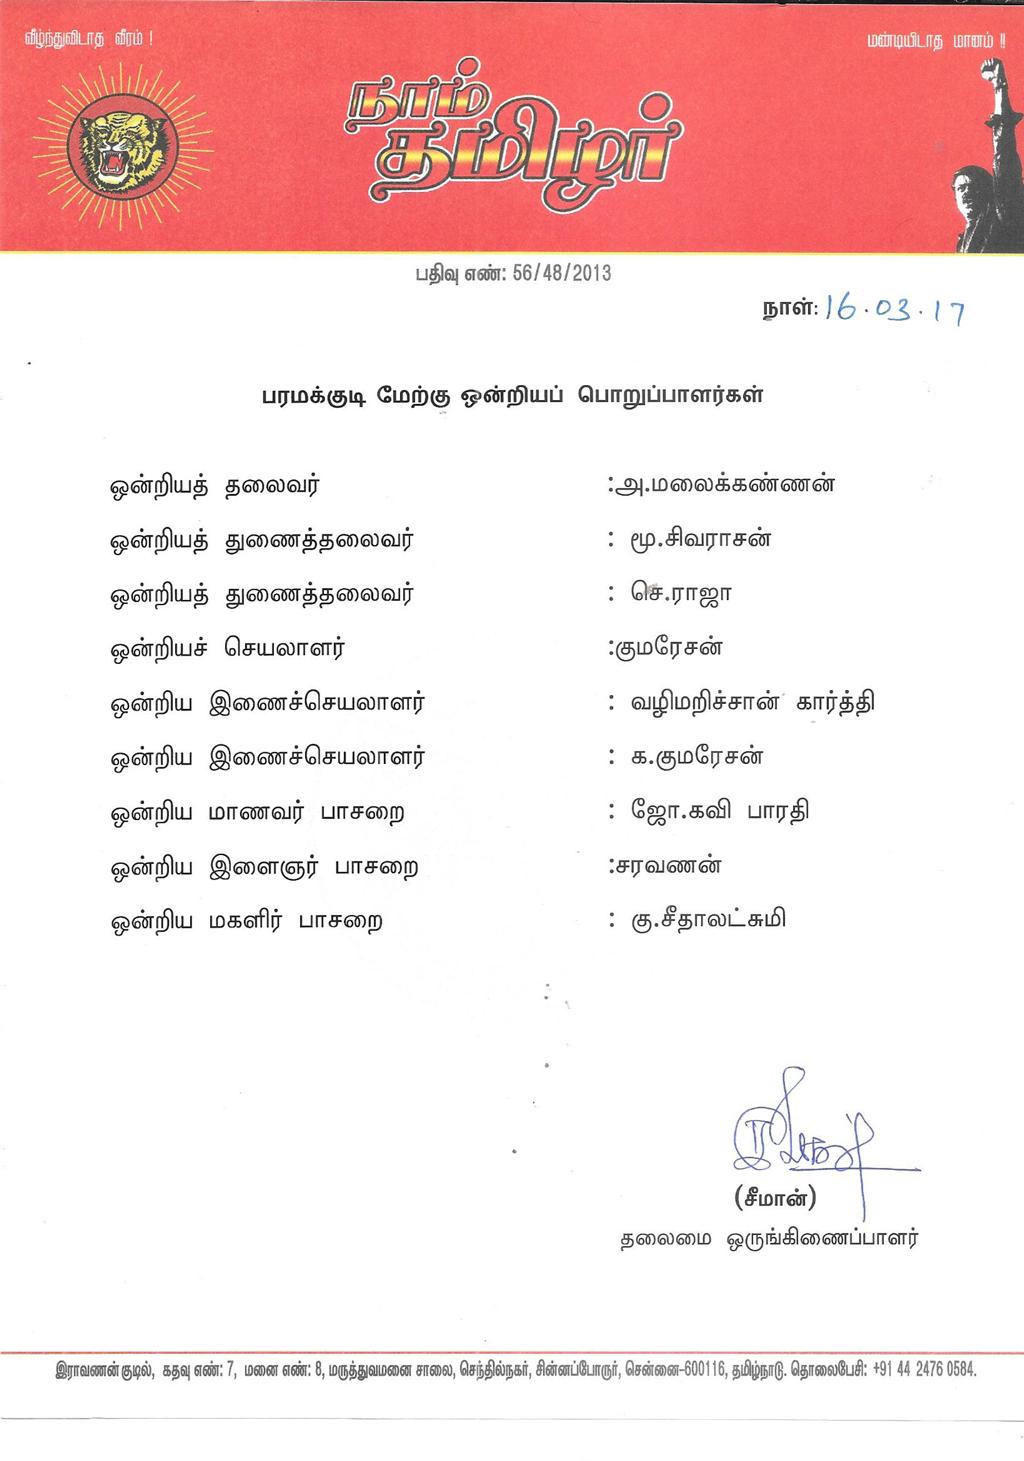 16-03-2017 இராமநாதபுரம் மாவட்டப் பொறுப்பாளர்கள் – தலைமை அறிவிப்பு paramakudi merku constituency